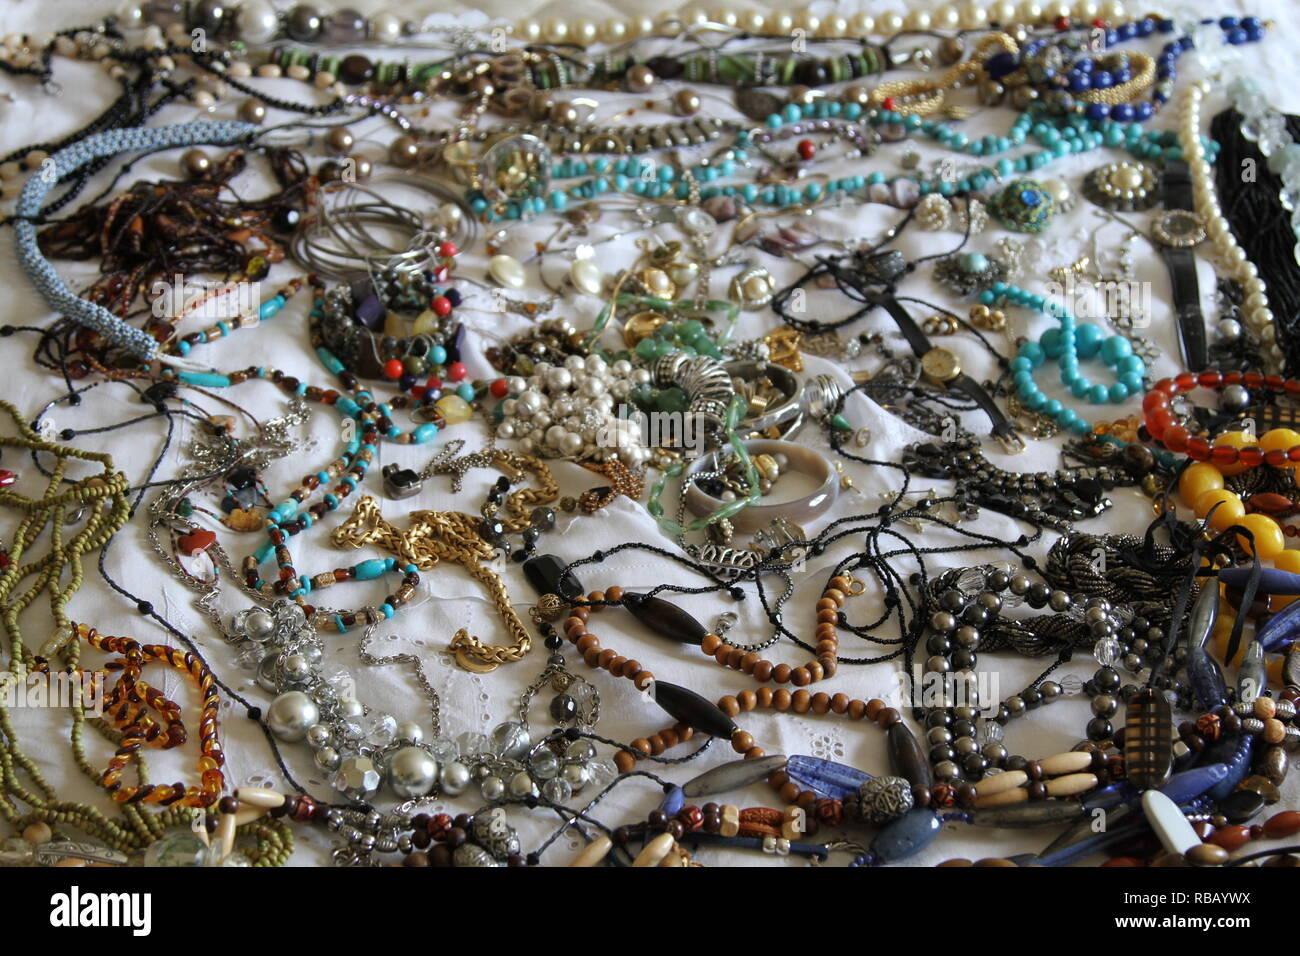 Gioielli. Una collezione di gioielli steso su un letto con un foglio bianco. Jewells. Gli oggetti di valore. Beni personali. Valore sentimentale. Pietre. Perle. Perline. Collane. Braccialetti. Un orologio da polso. Multi colorata. Assortimento. Foto Stock